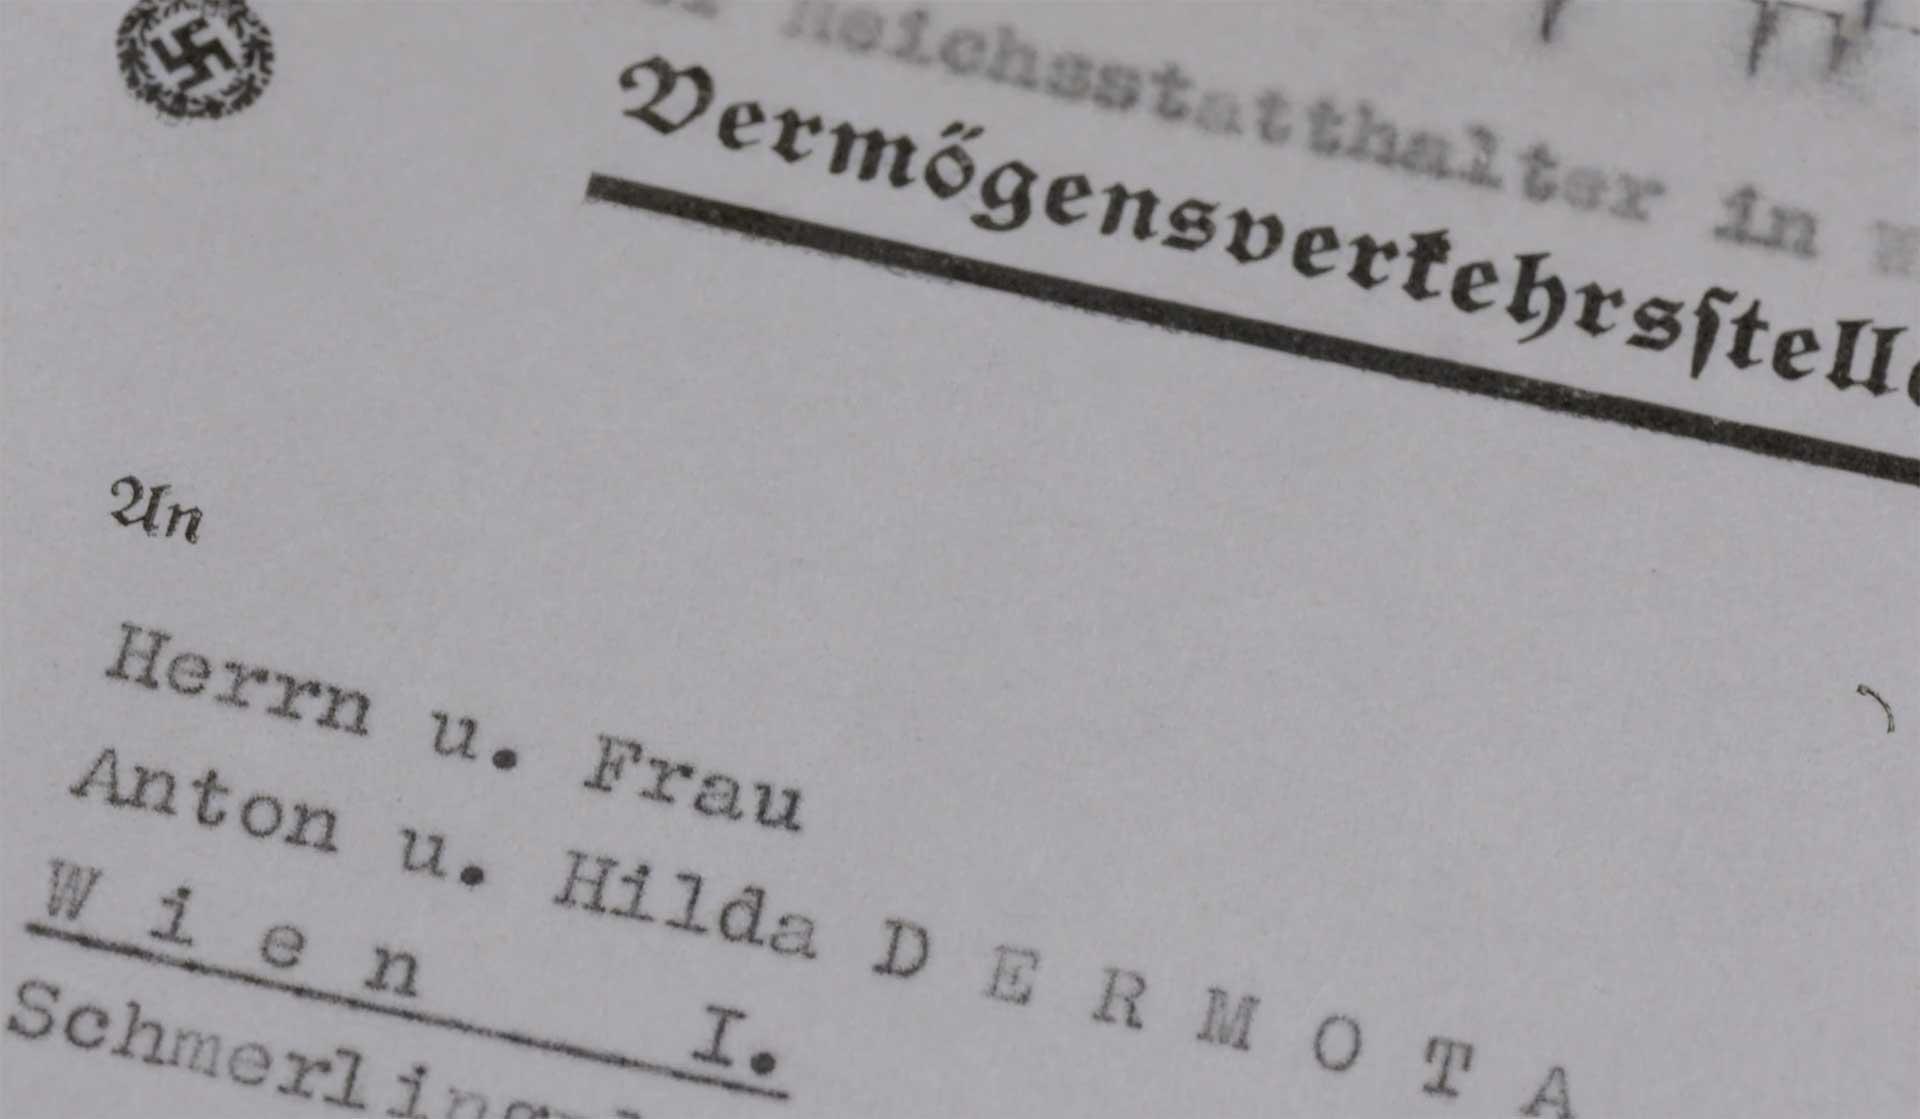 Brief Dermota (dermota_brief.jpg)